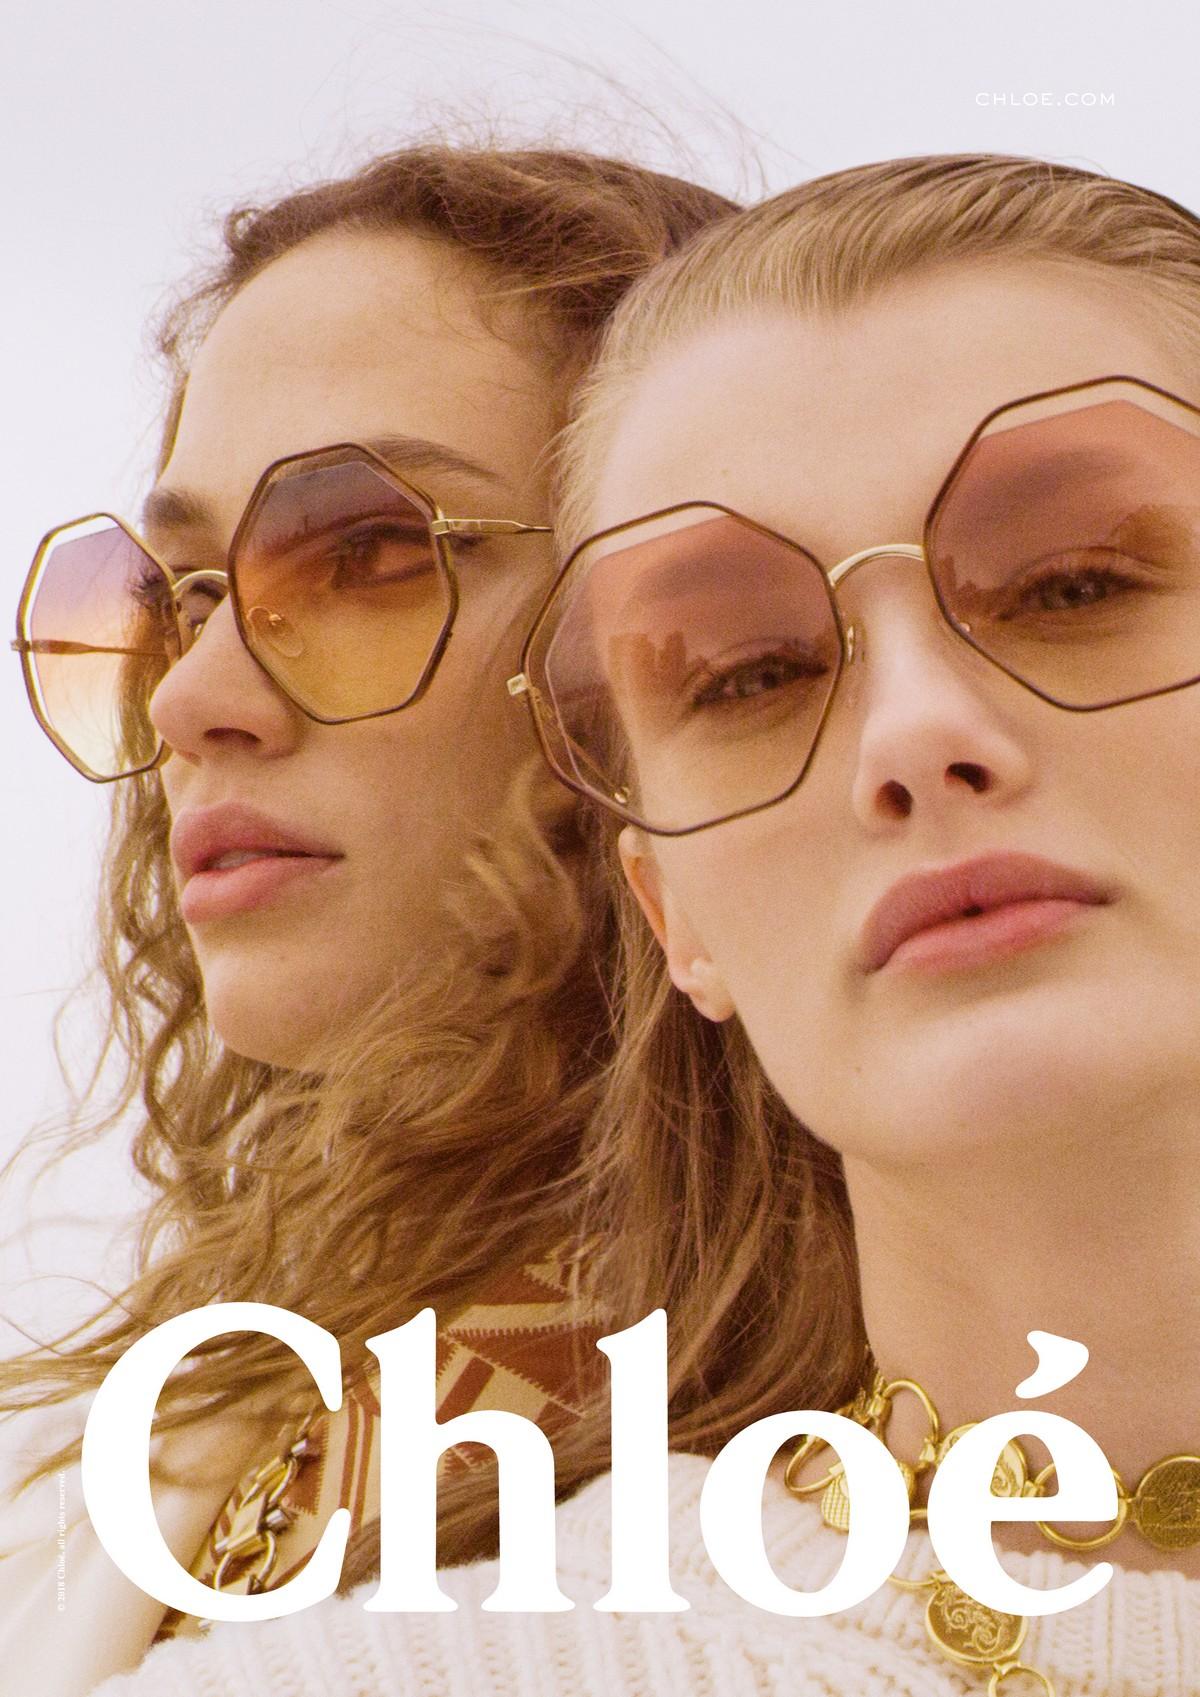 vendita outlet 51755 8fbed Chloé occhiali da sole autunno inverno 2018 2019 | foto ...